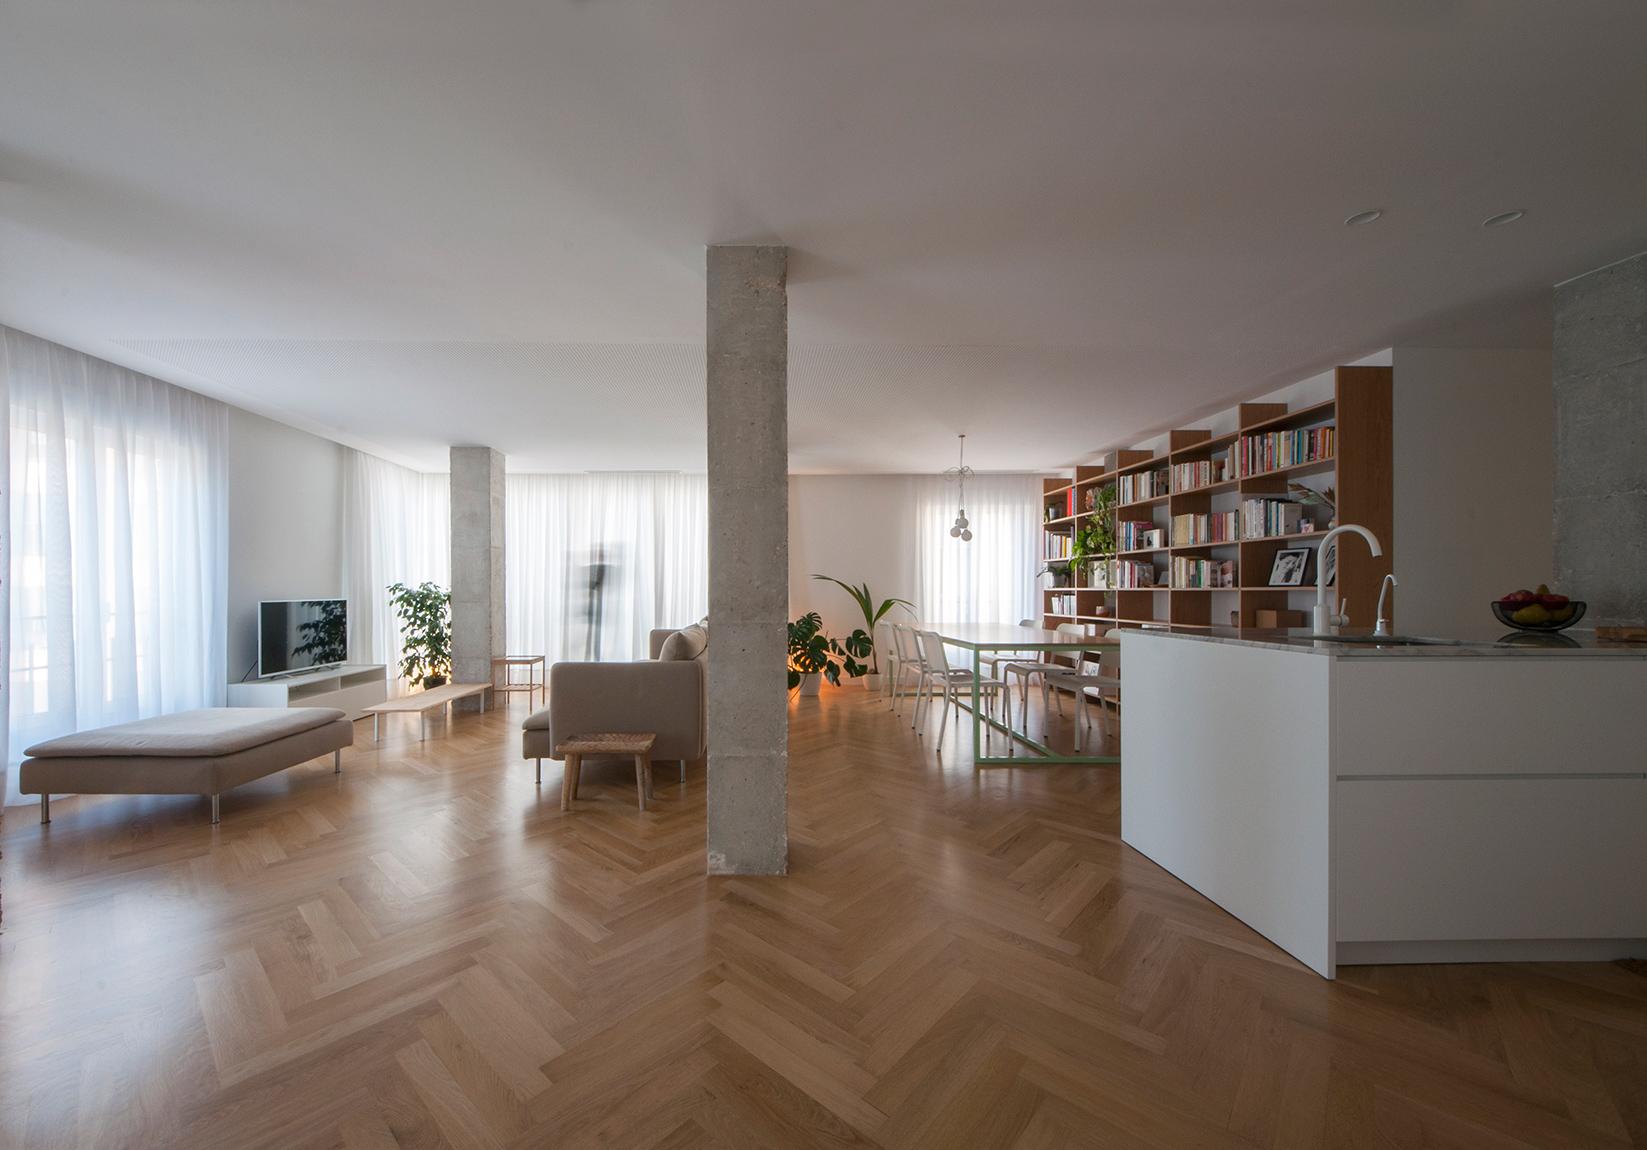 Reforma de un apartamento en elche apartment refurbishment in elche cor asociados arquitectos - Reformas de apartamentos ...